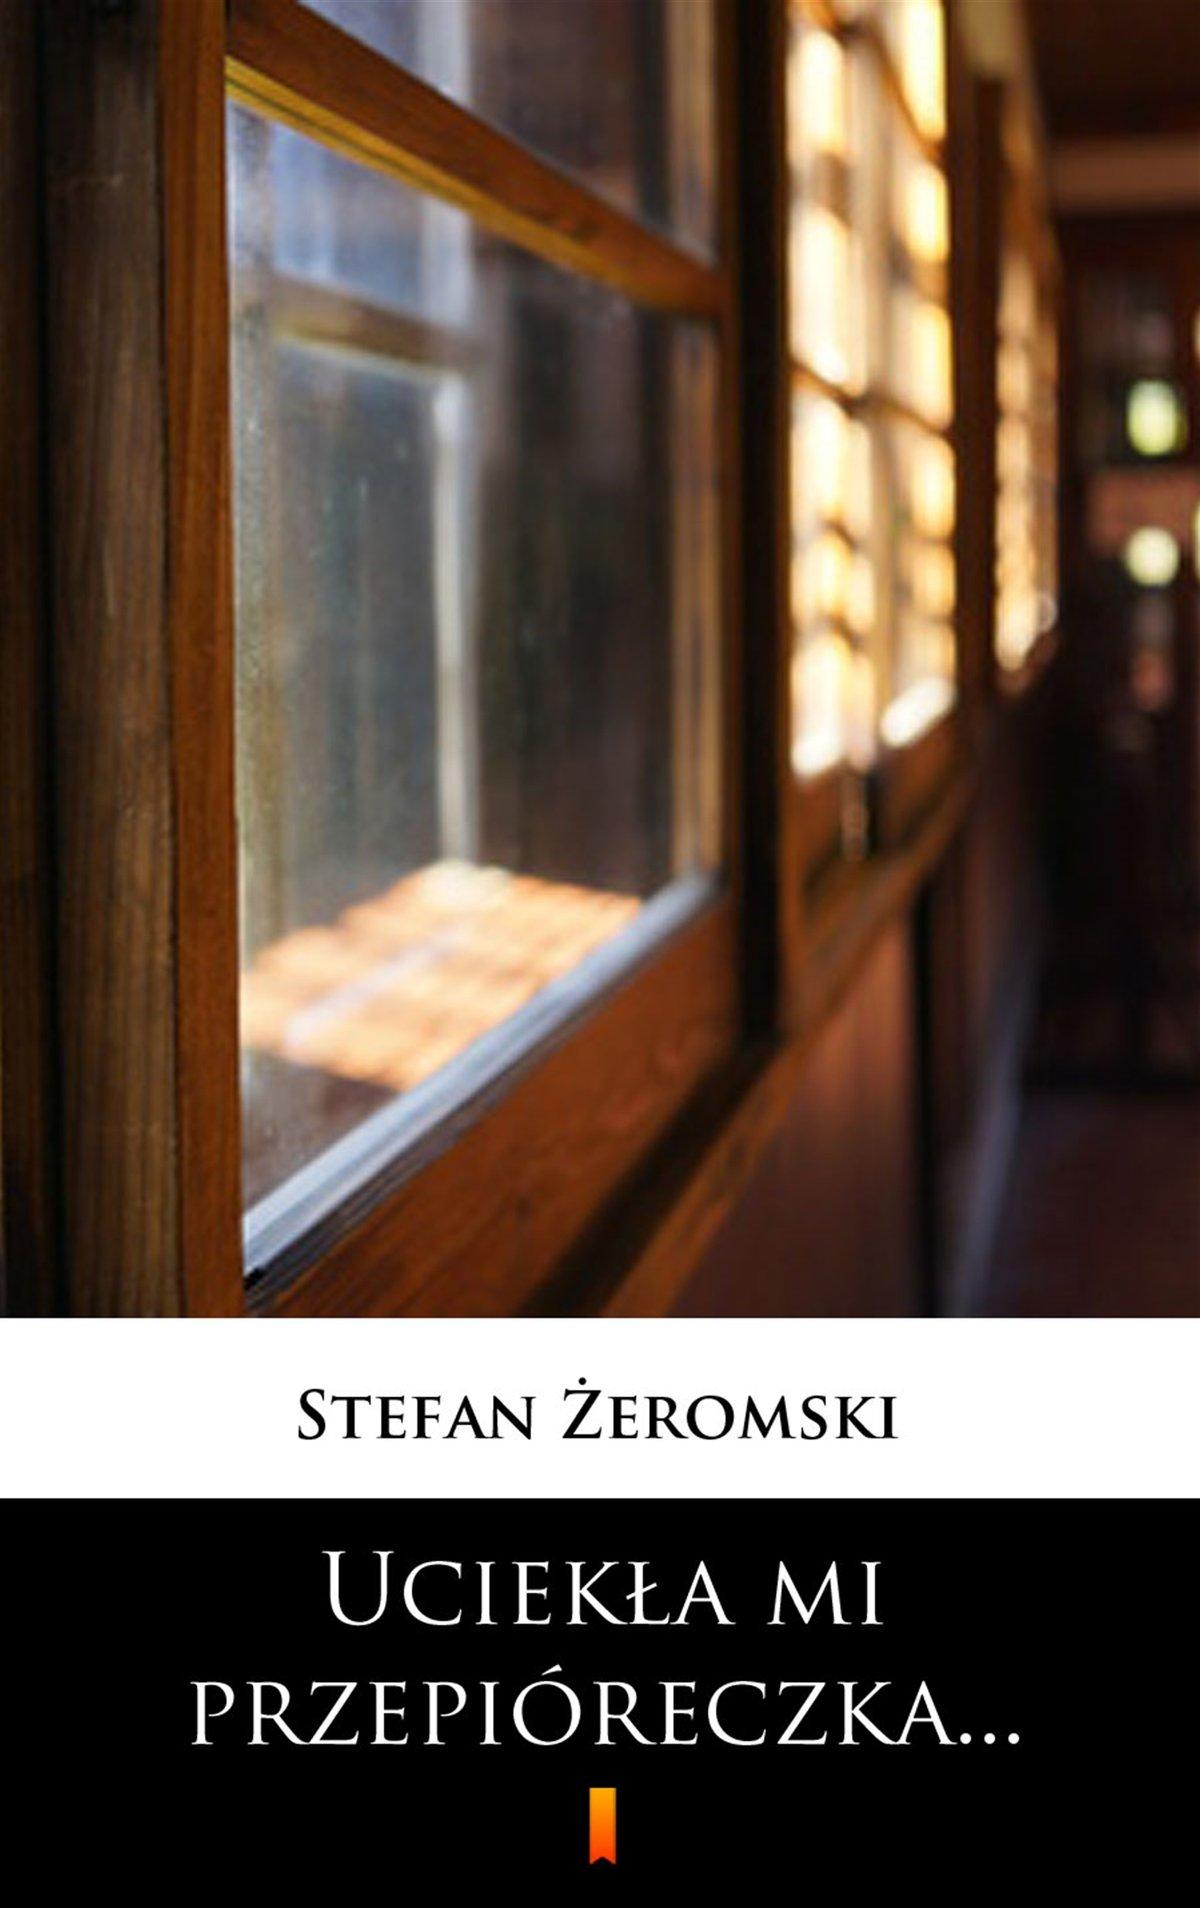 Uciekła mi przepióreczka... - Ebook (Książka na Kindle) do pobrania w formacie MOBI